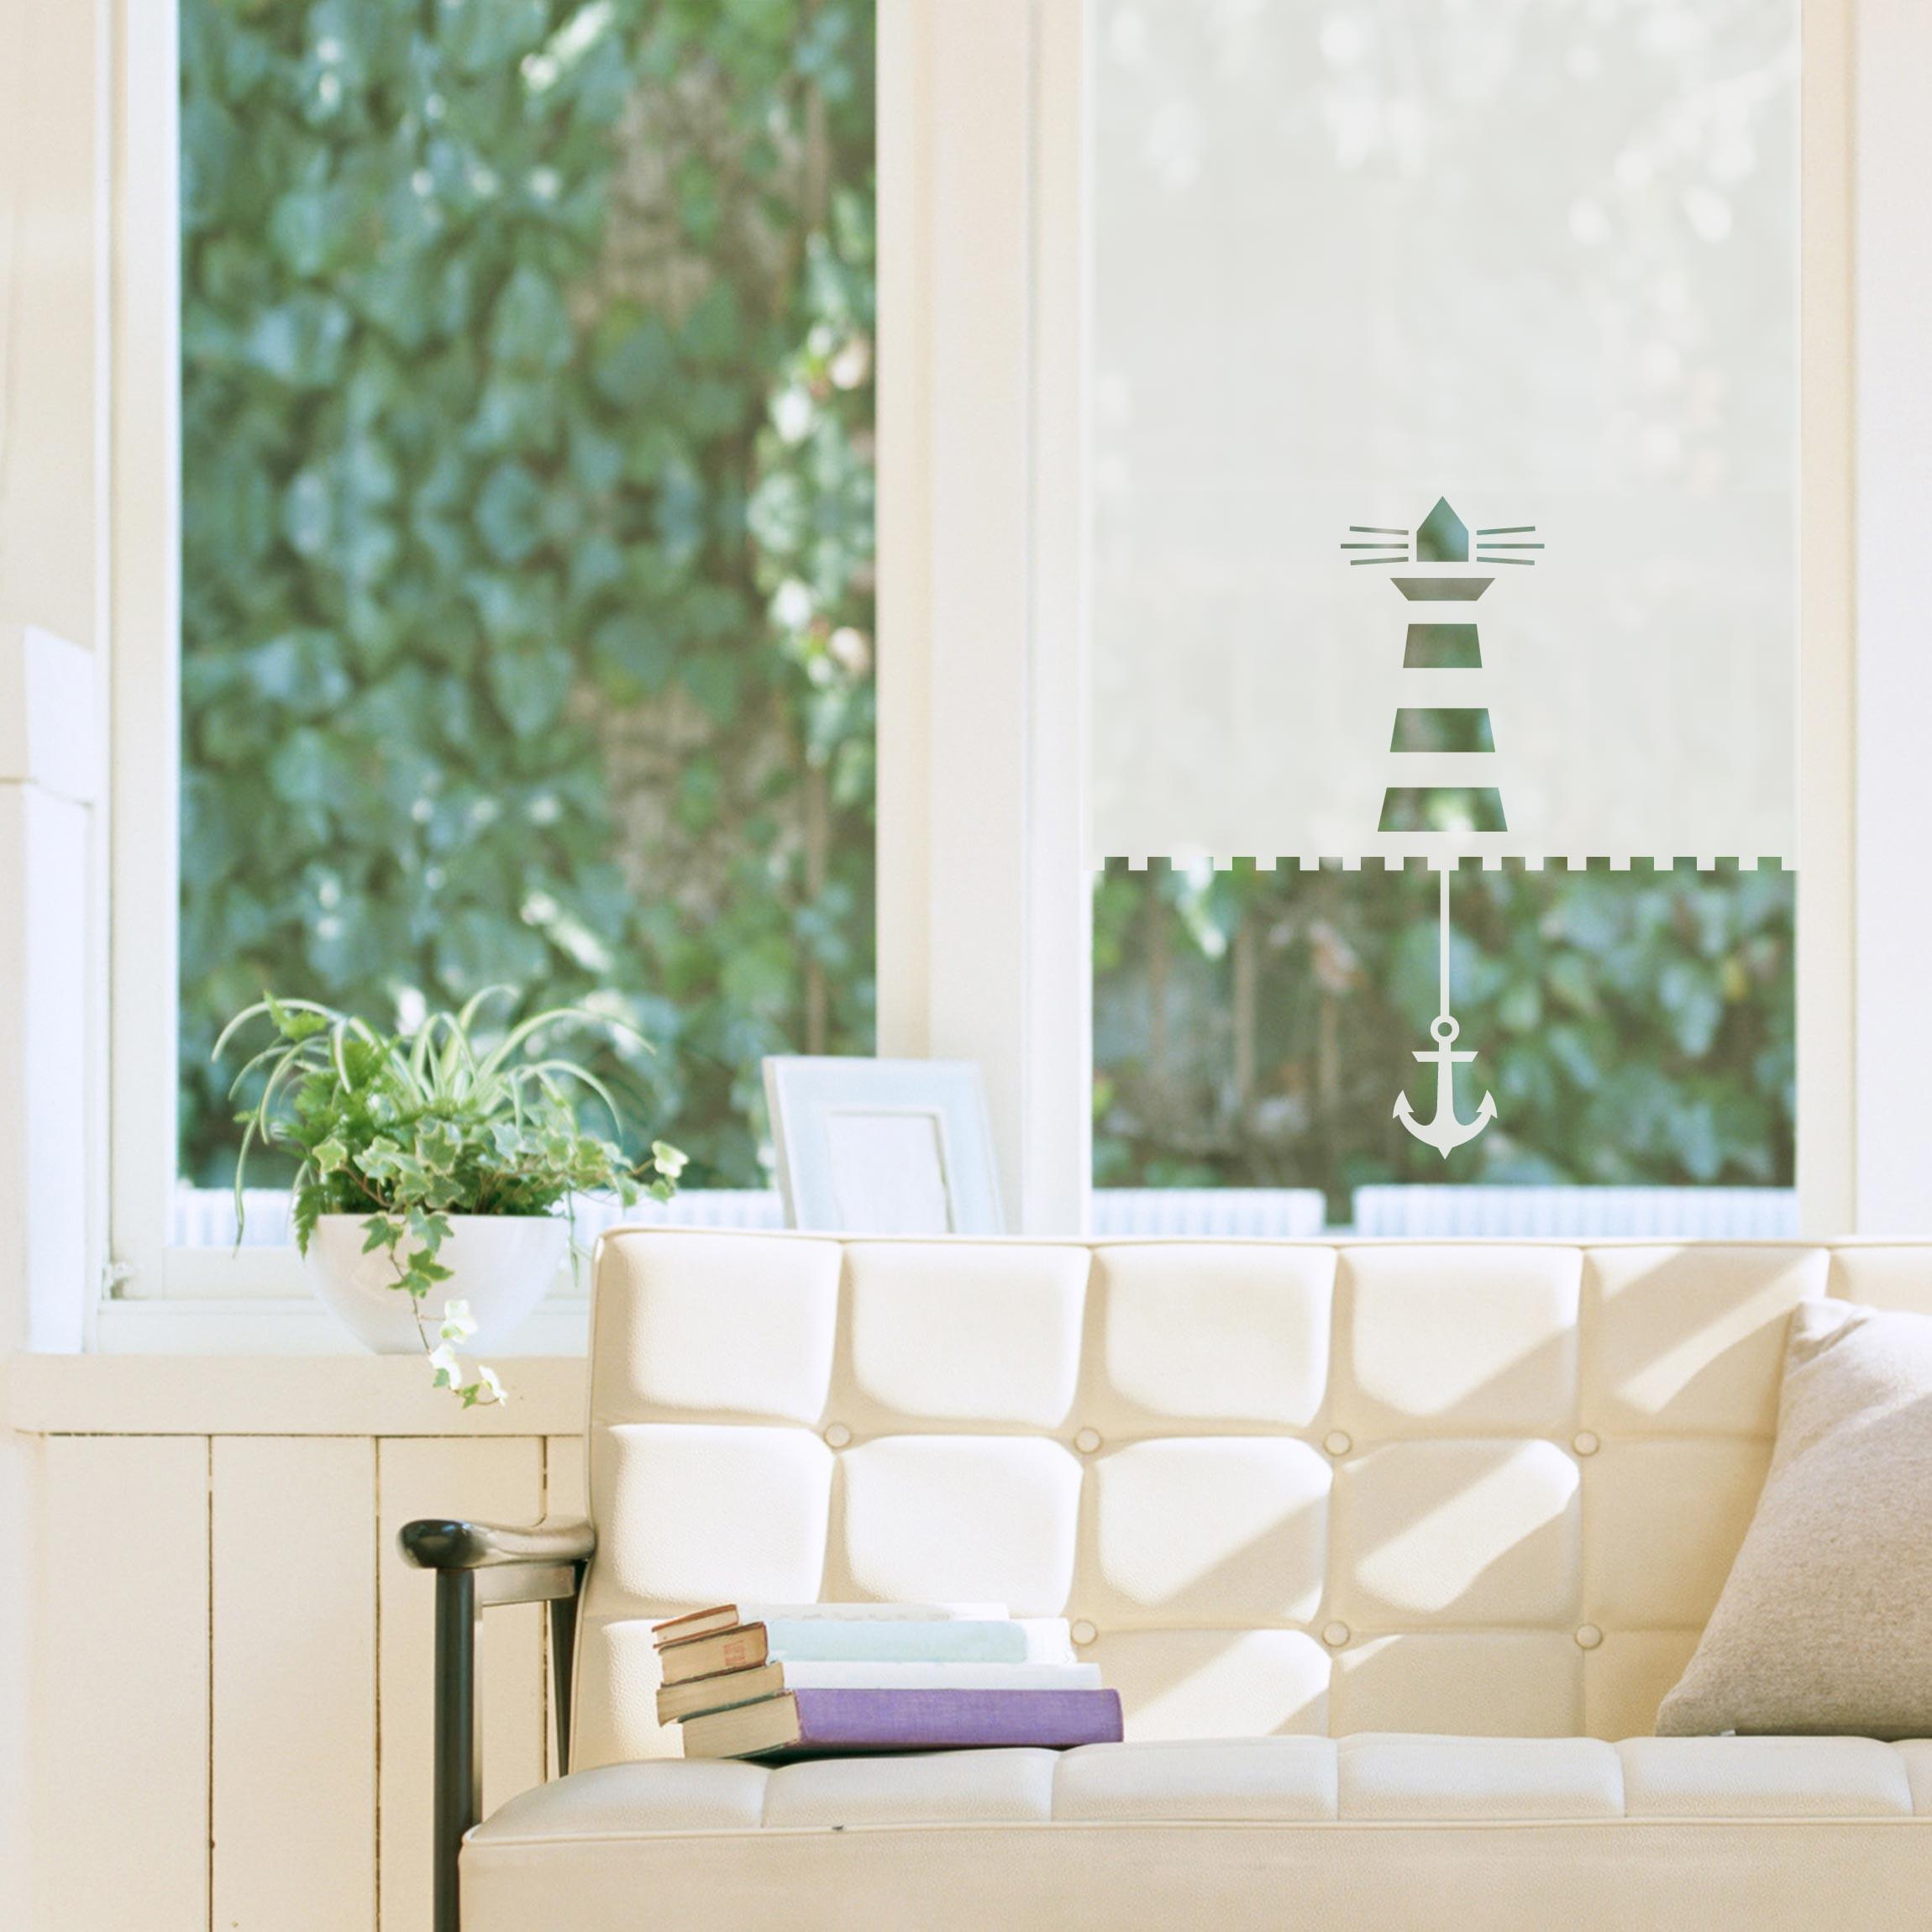 Sichtschutzfolie rollo optik leuchtturm und anker maritim milchglasfolie - Sichtschutzfolie badfenster ...